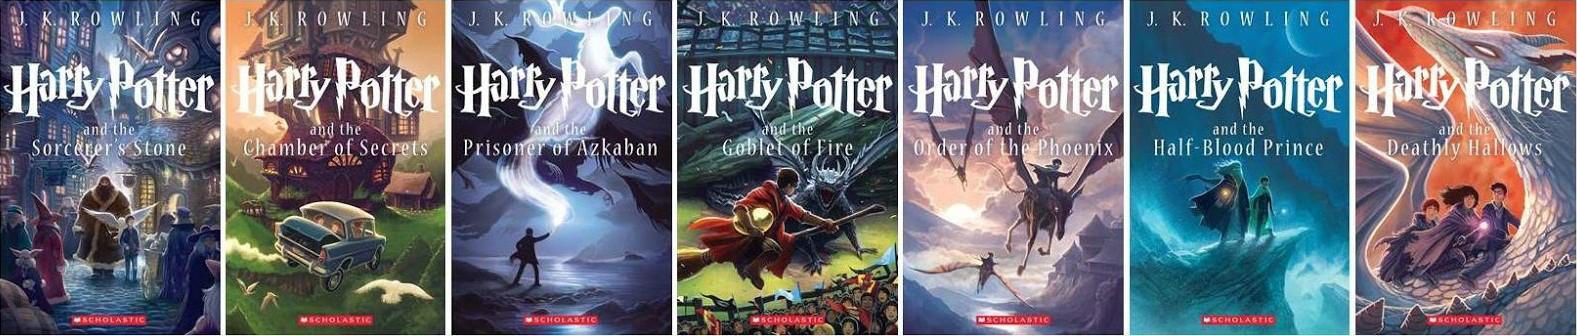 Harry potter couverture livre 02 1 new american la boite verte - Harry potter livre pdf gratuit ...